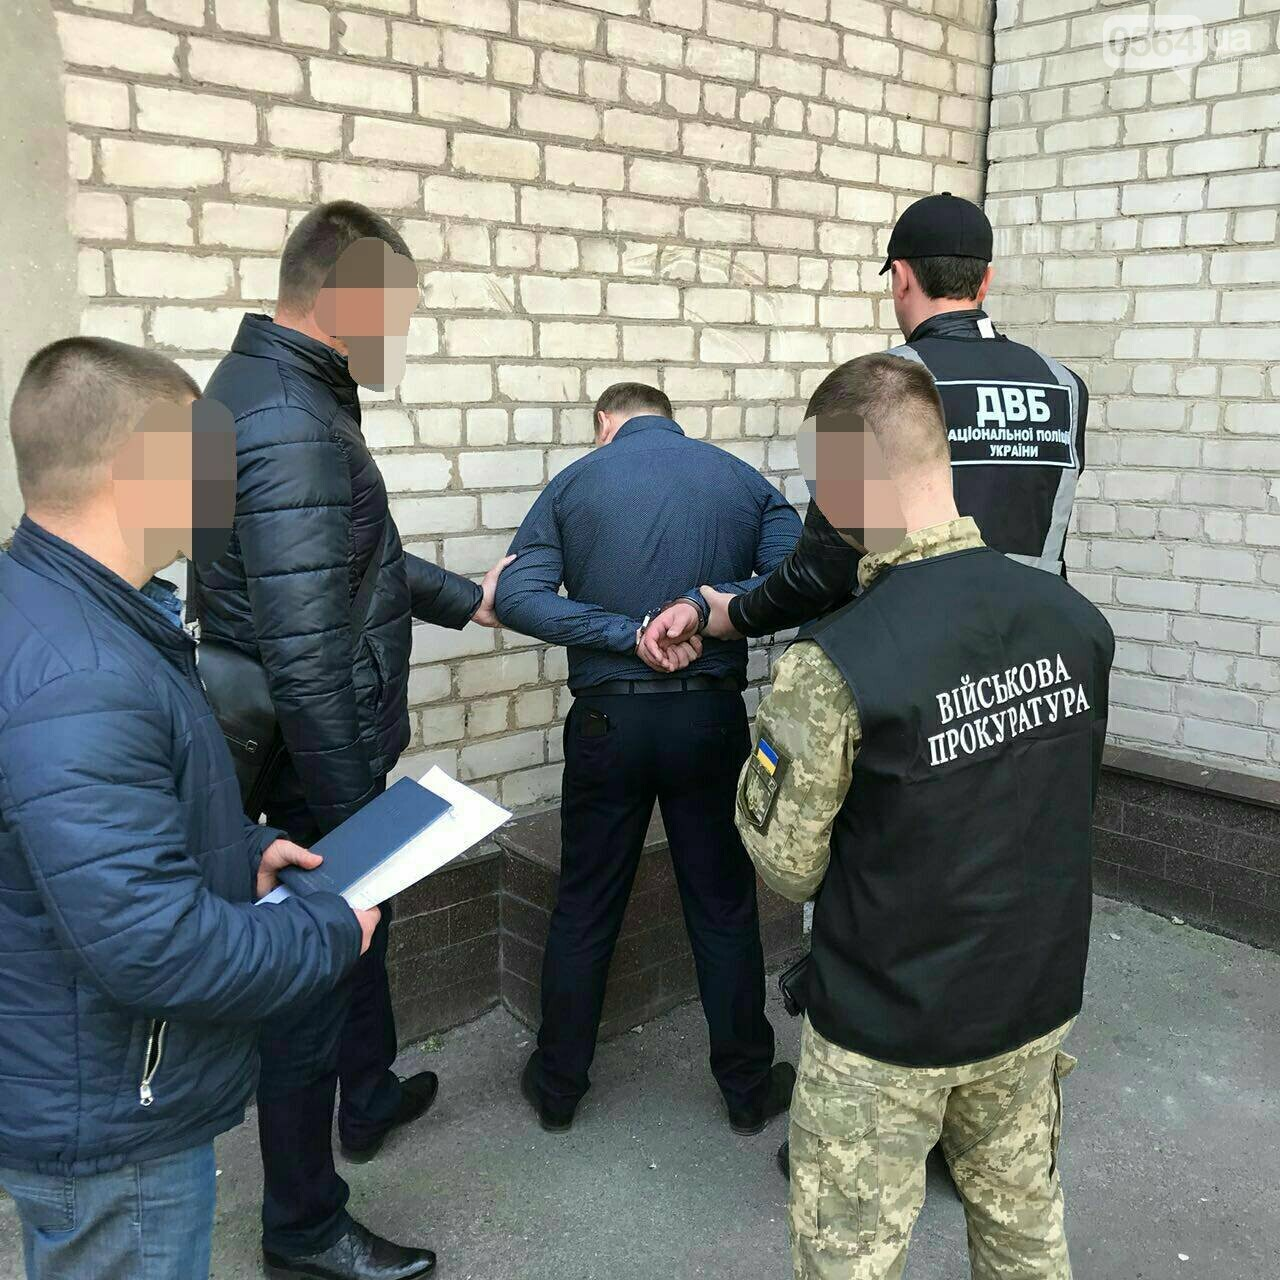 В Кривом Роге задержали двух полицейских на взятке 8 тысяч долларов (ФОТО), фото-1